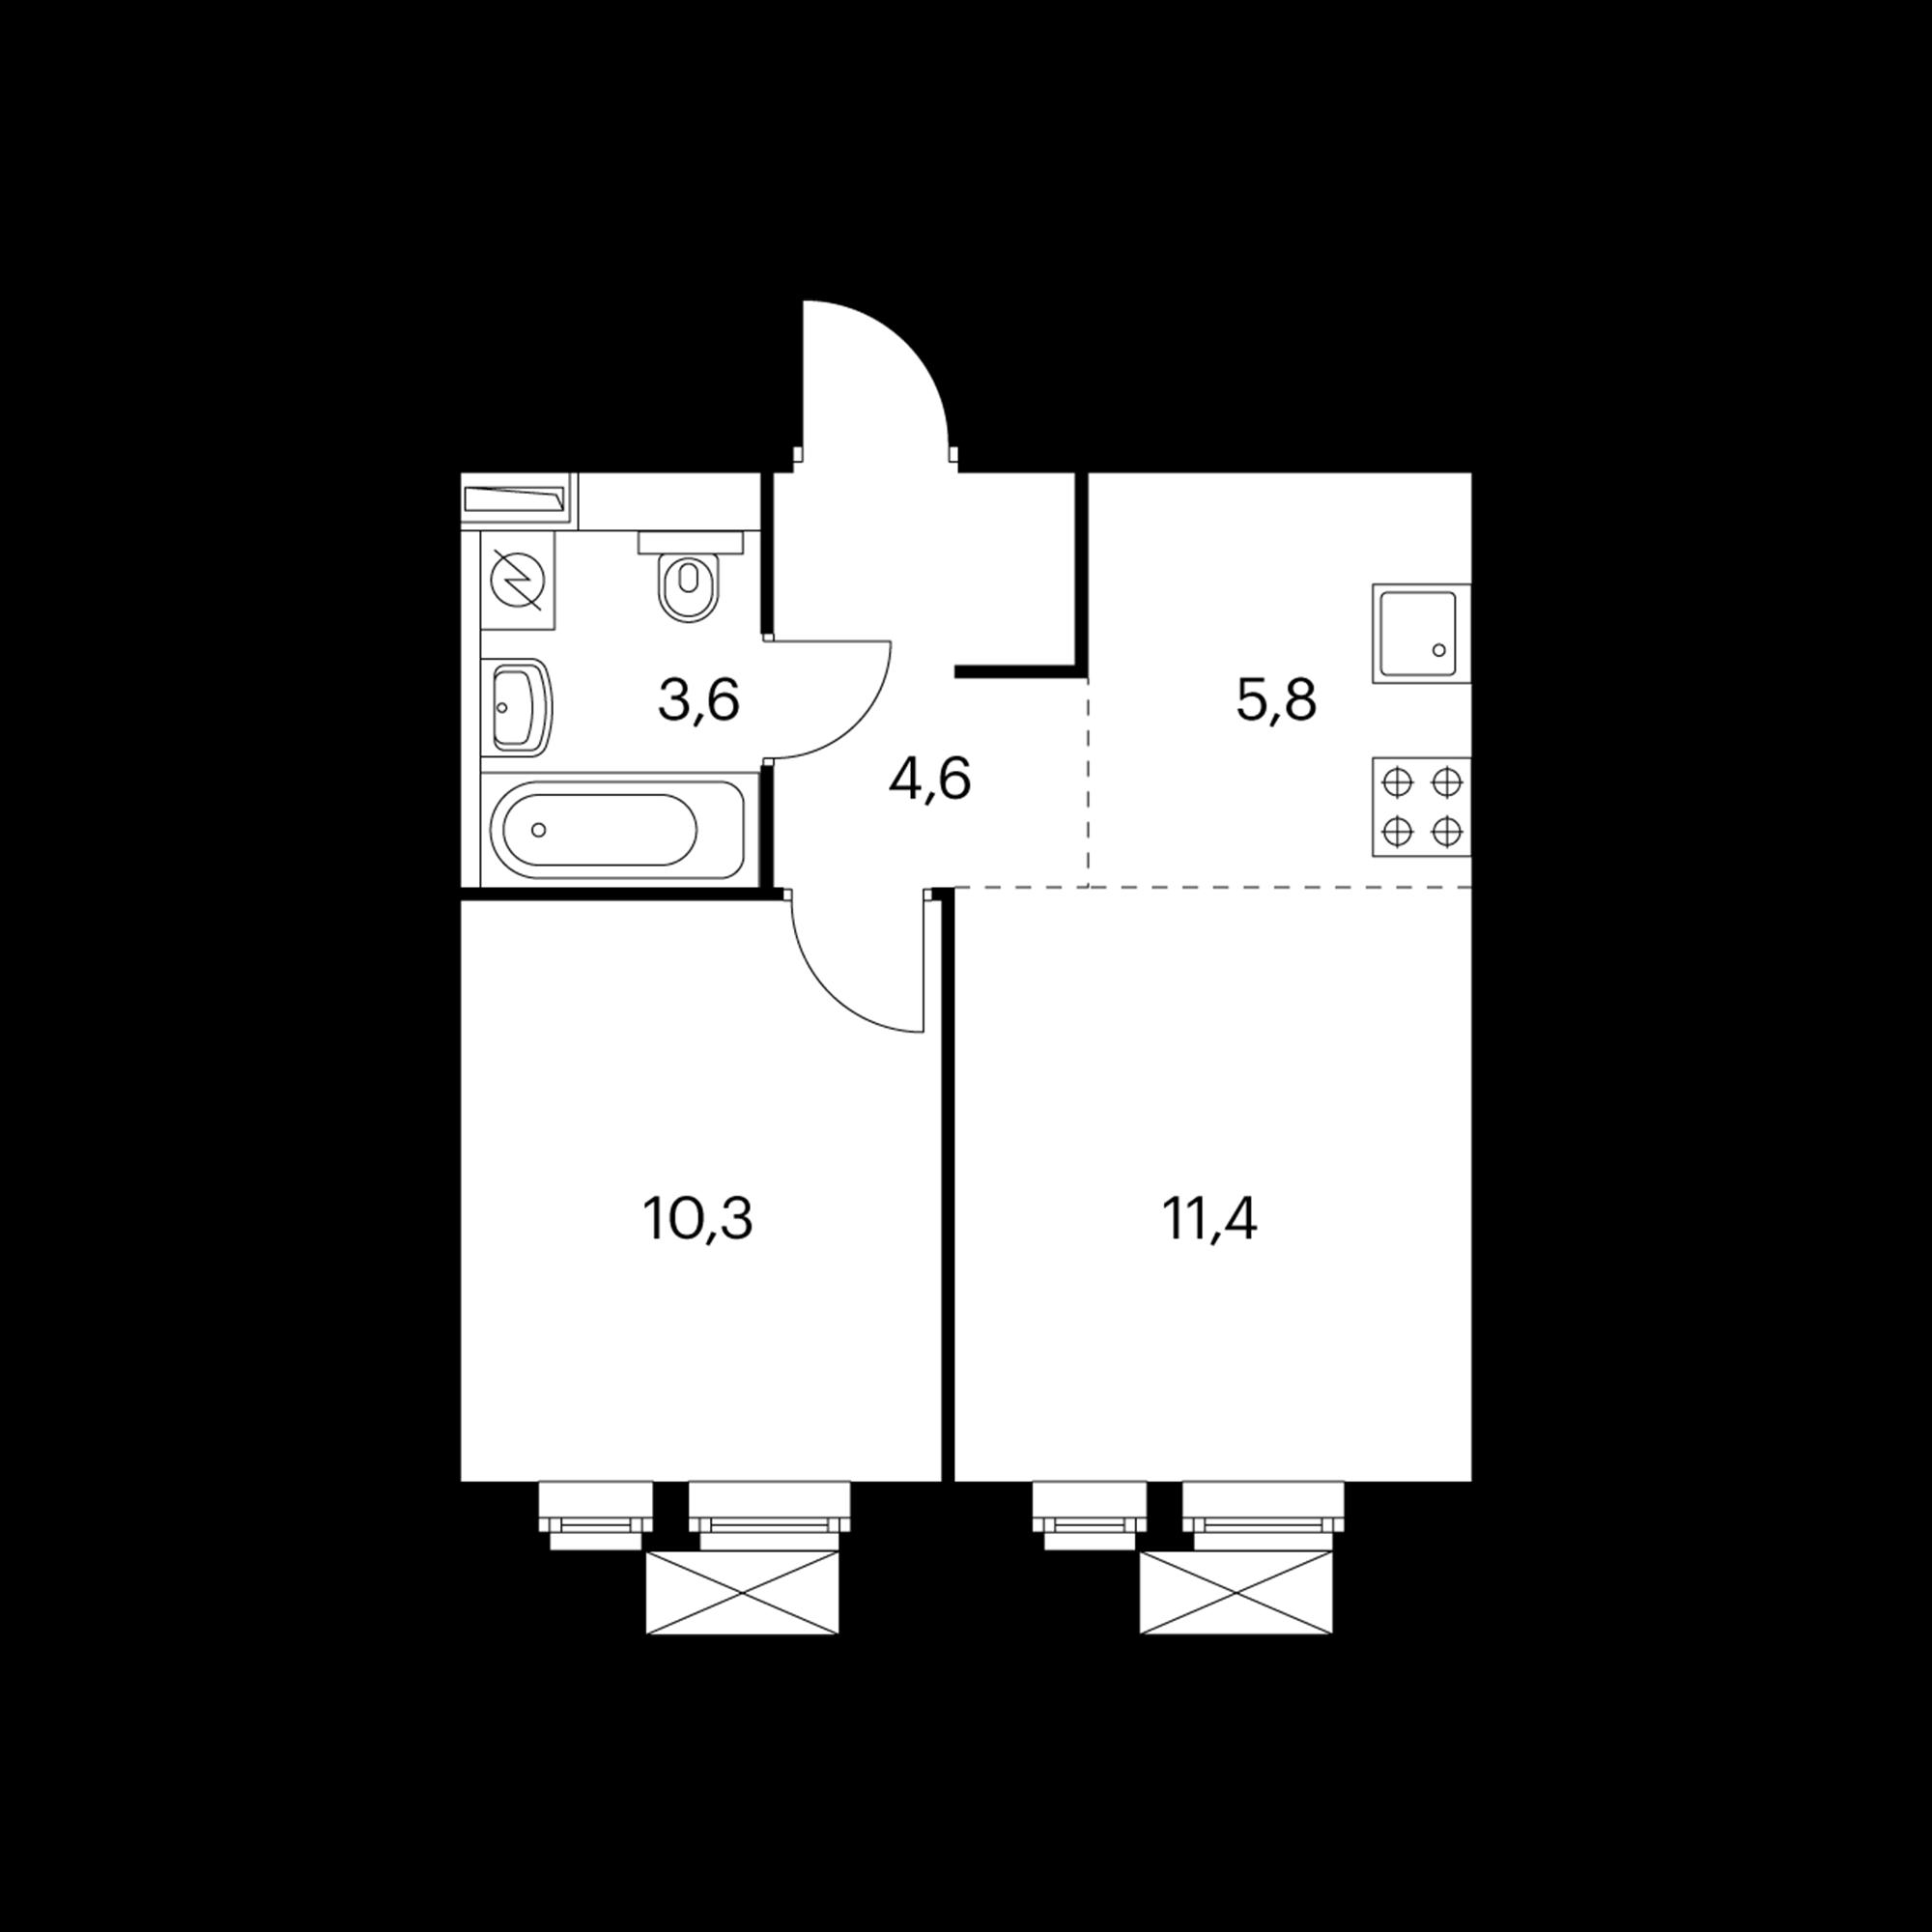 2-комнатная 36.3 м²